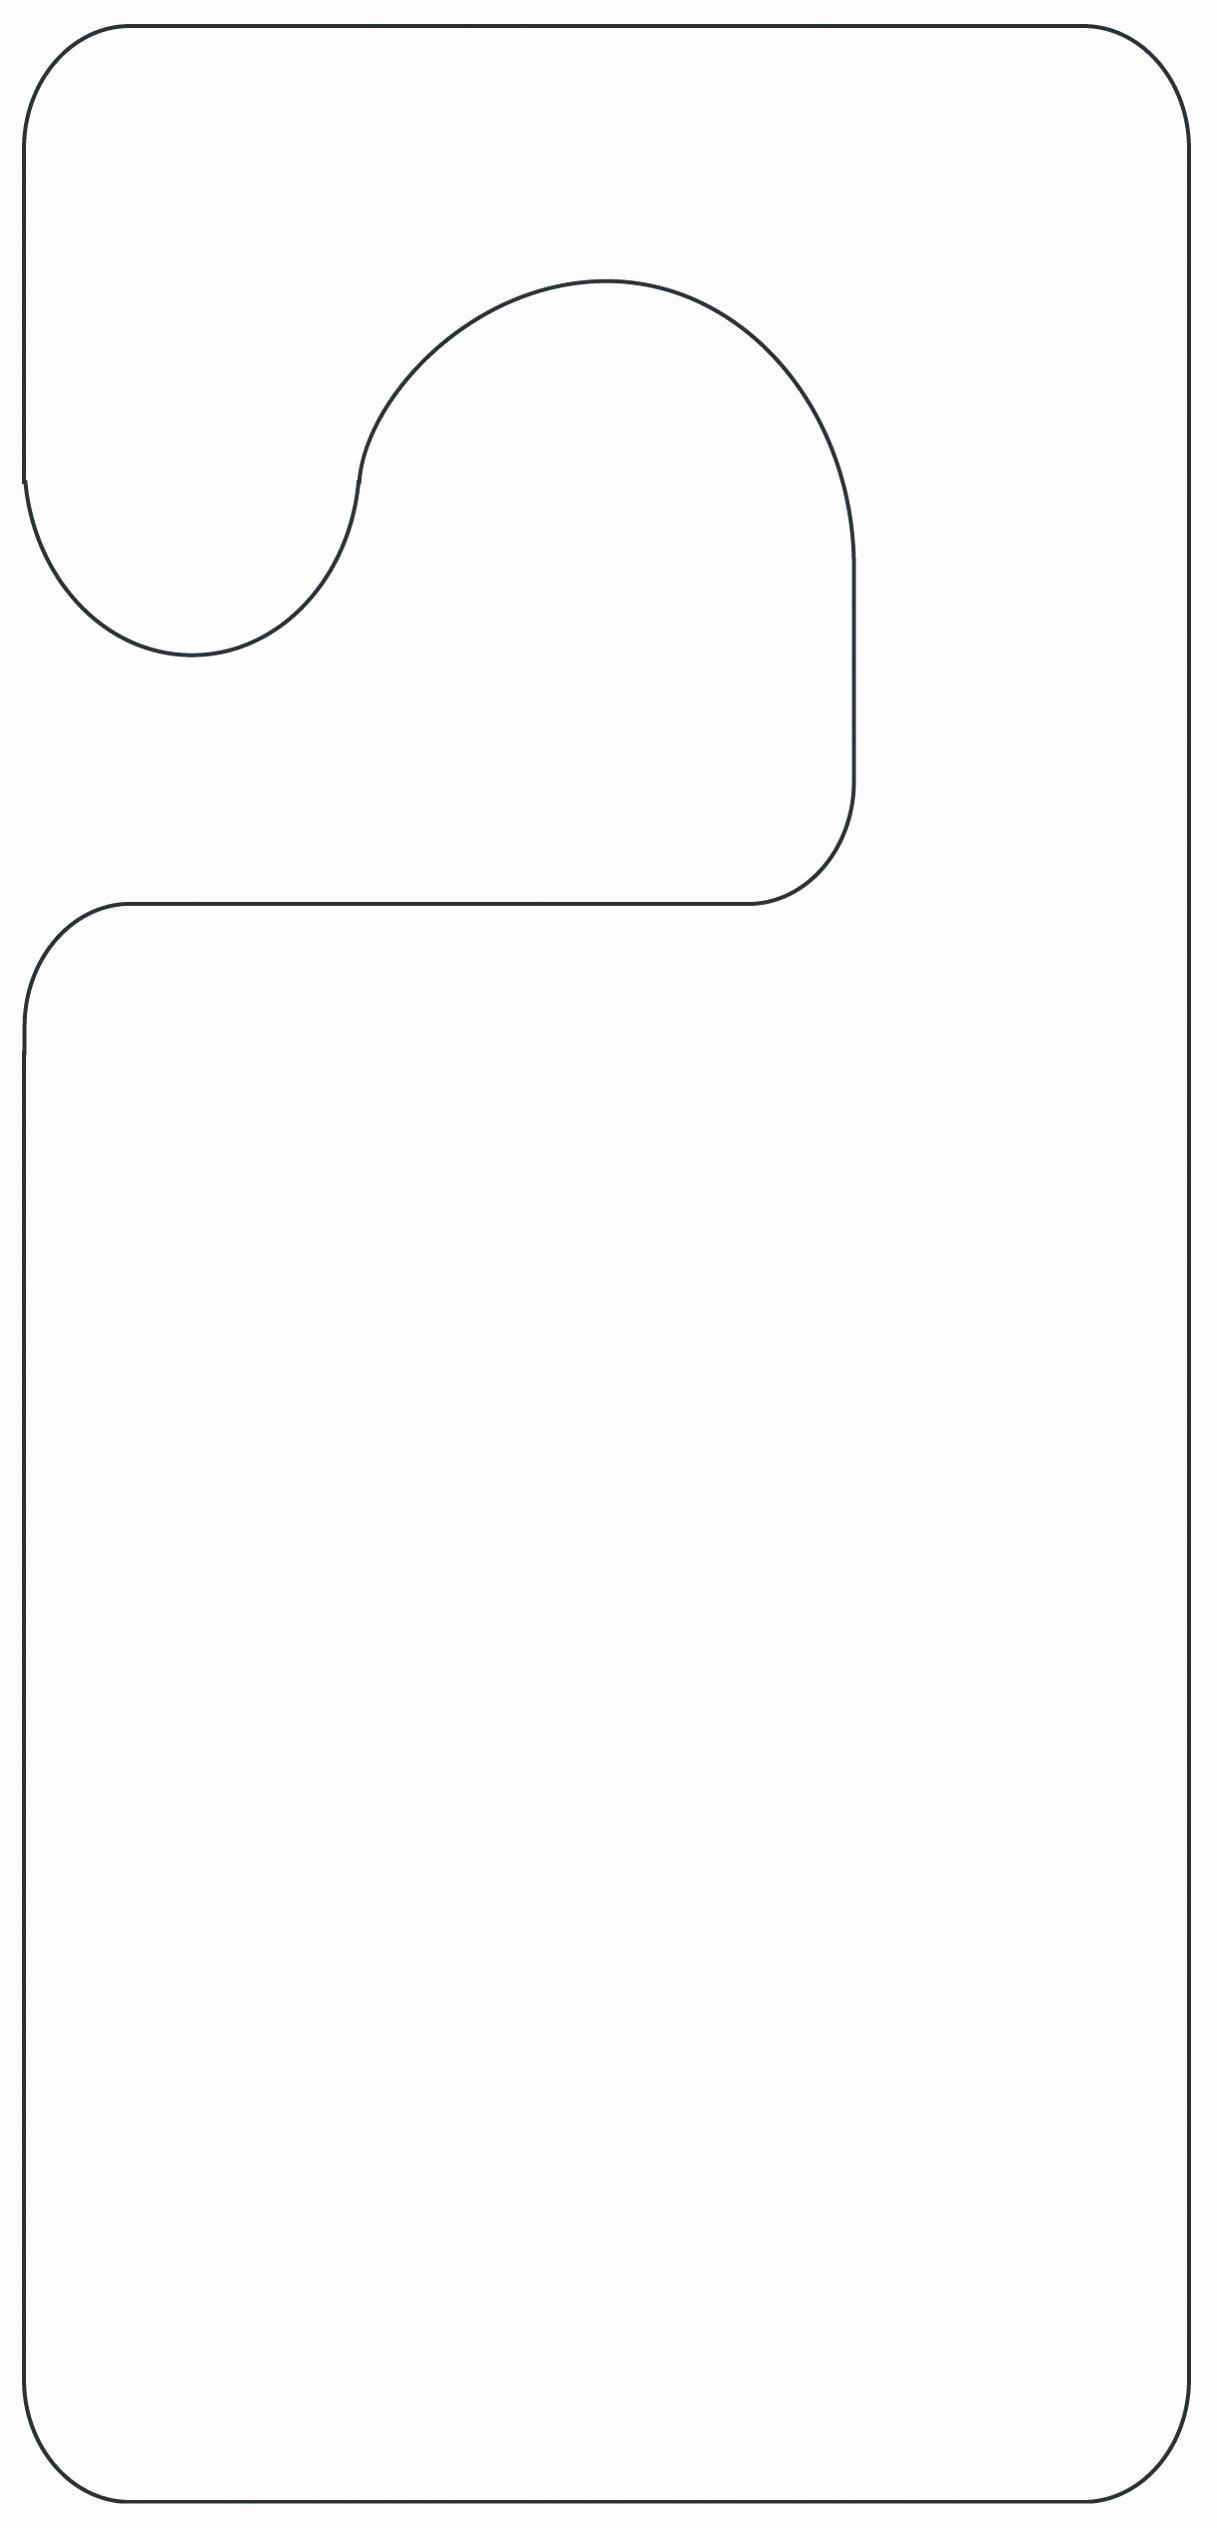 Free Printable Door Hanger Template Inspirational Door Tag Template & Avery Door Hanger Template for